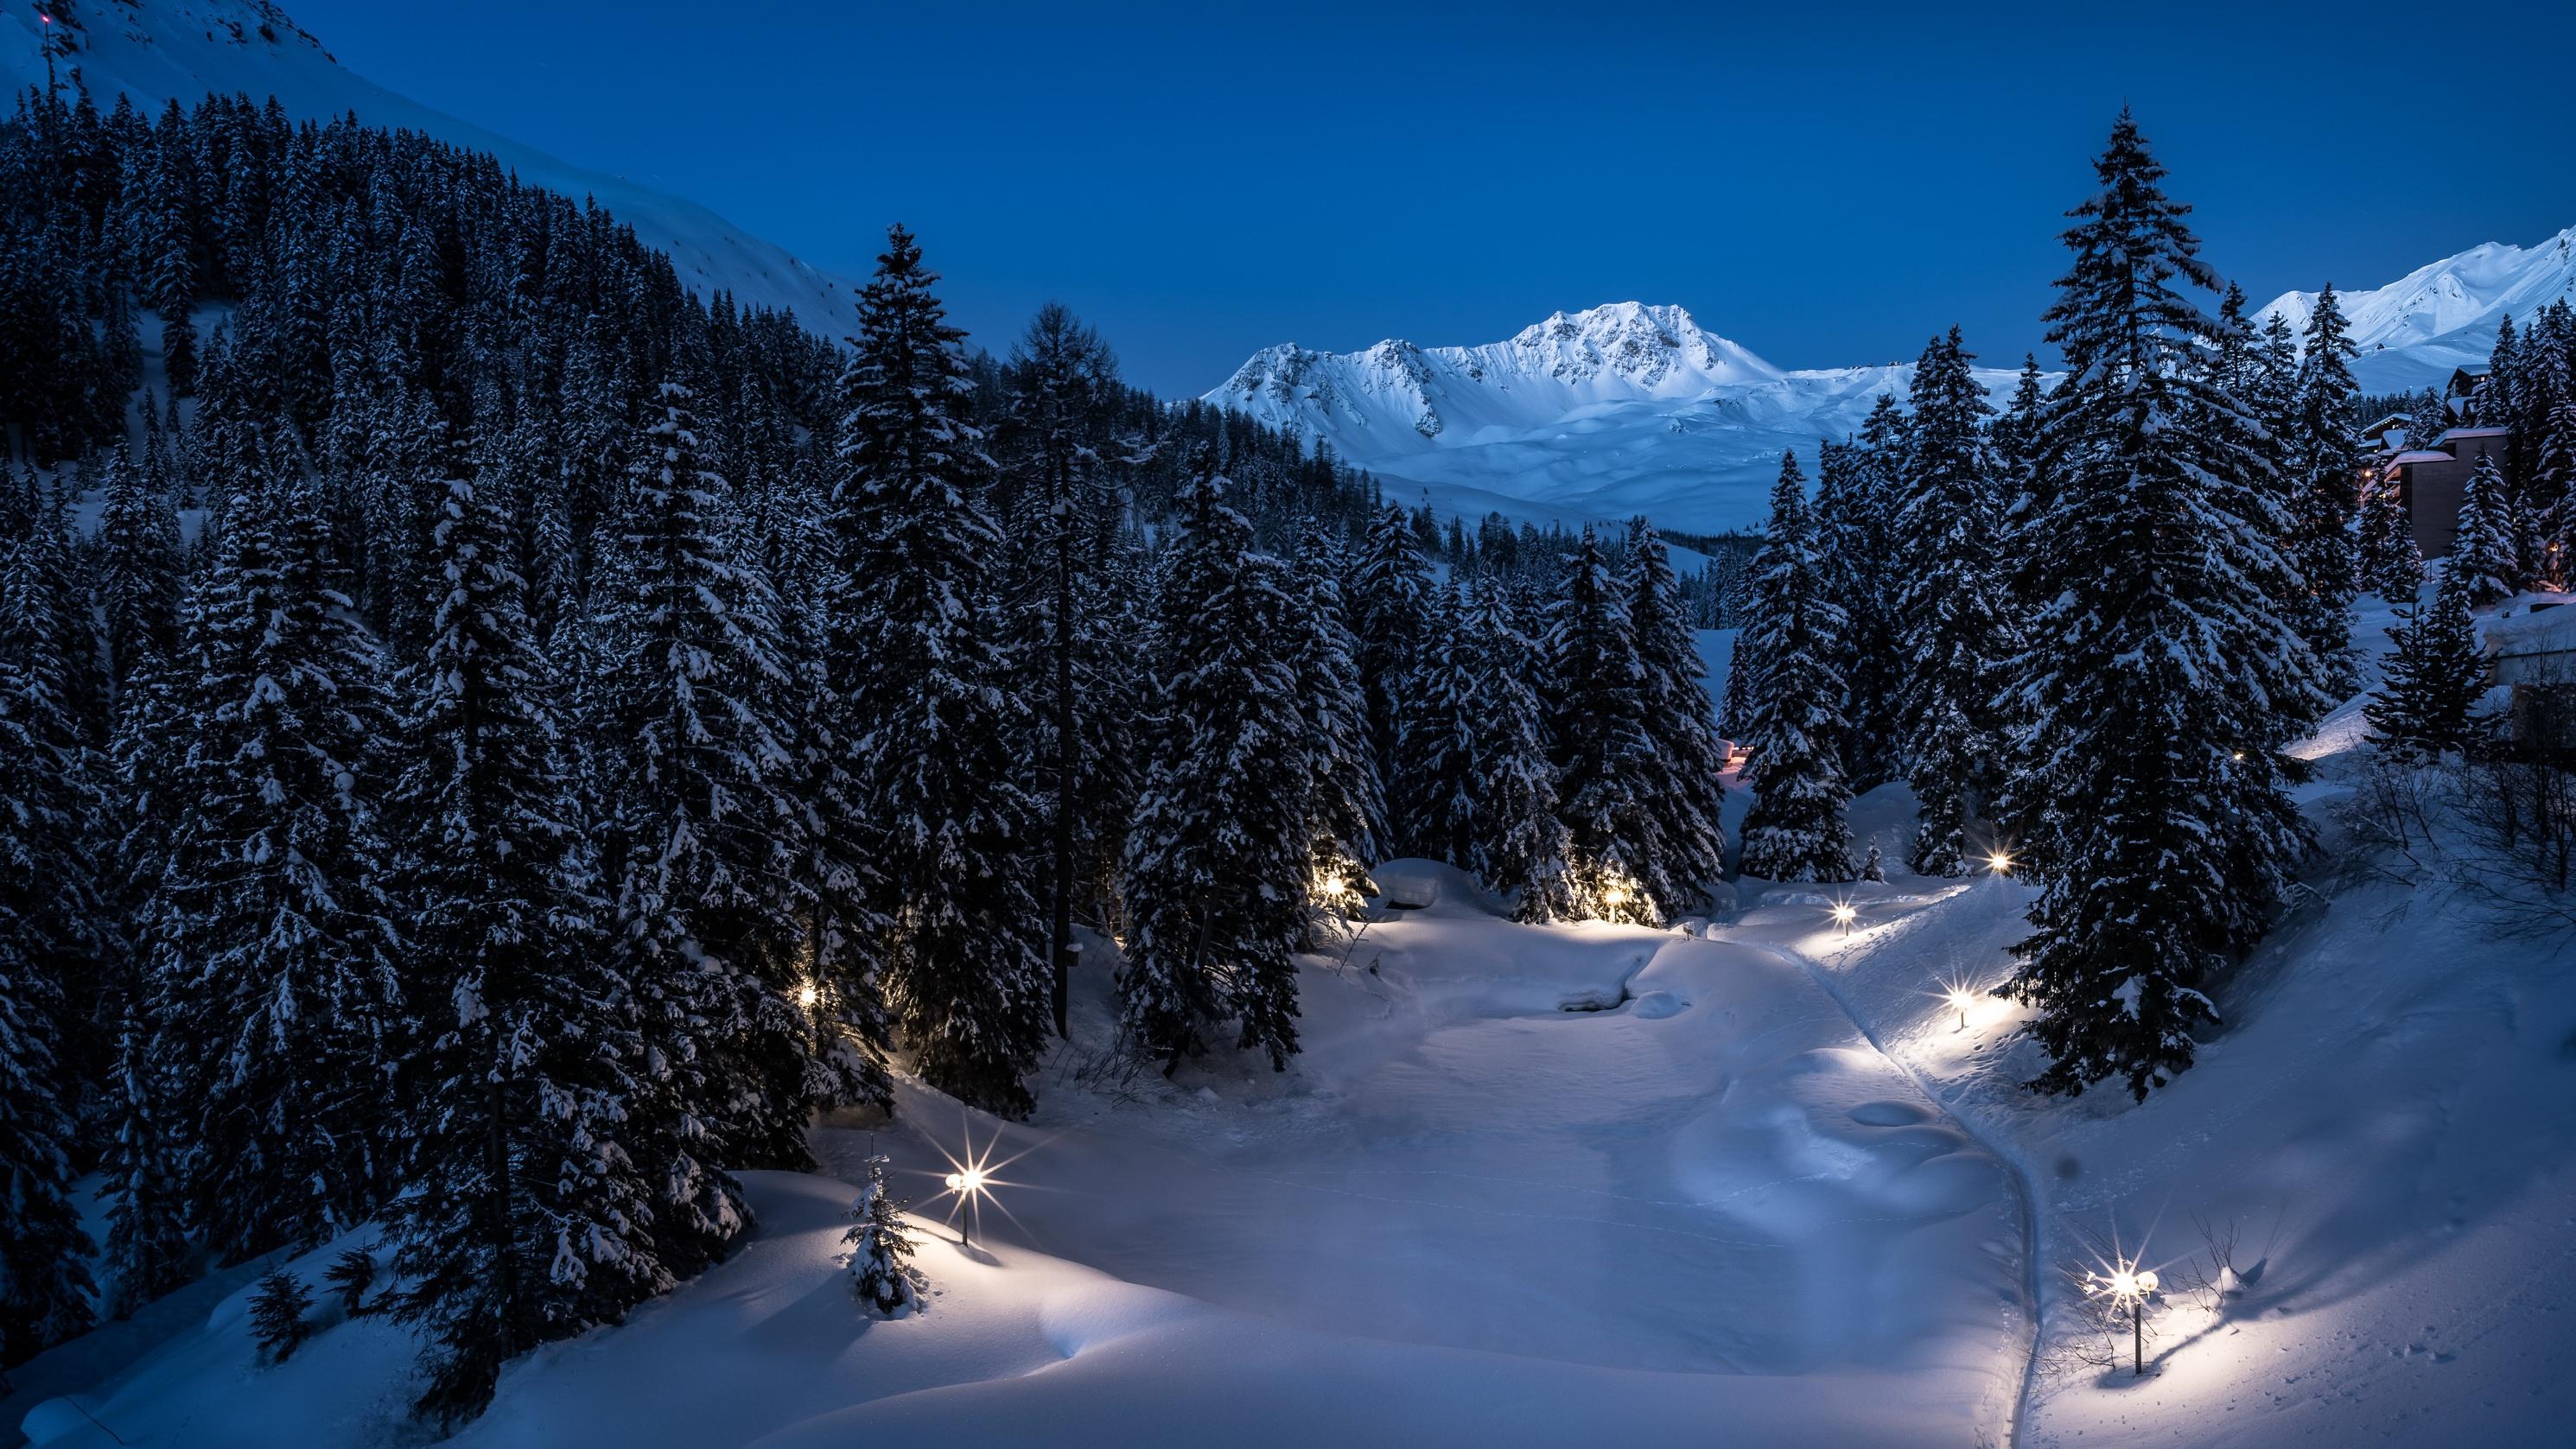 обои на рабочий стол зимний лес ночью желания воплотятся